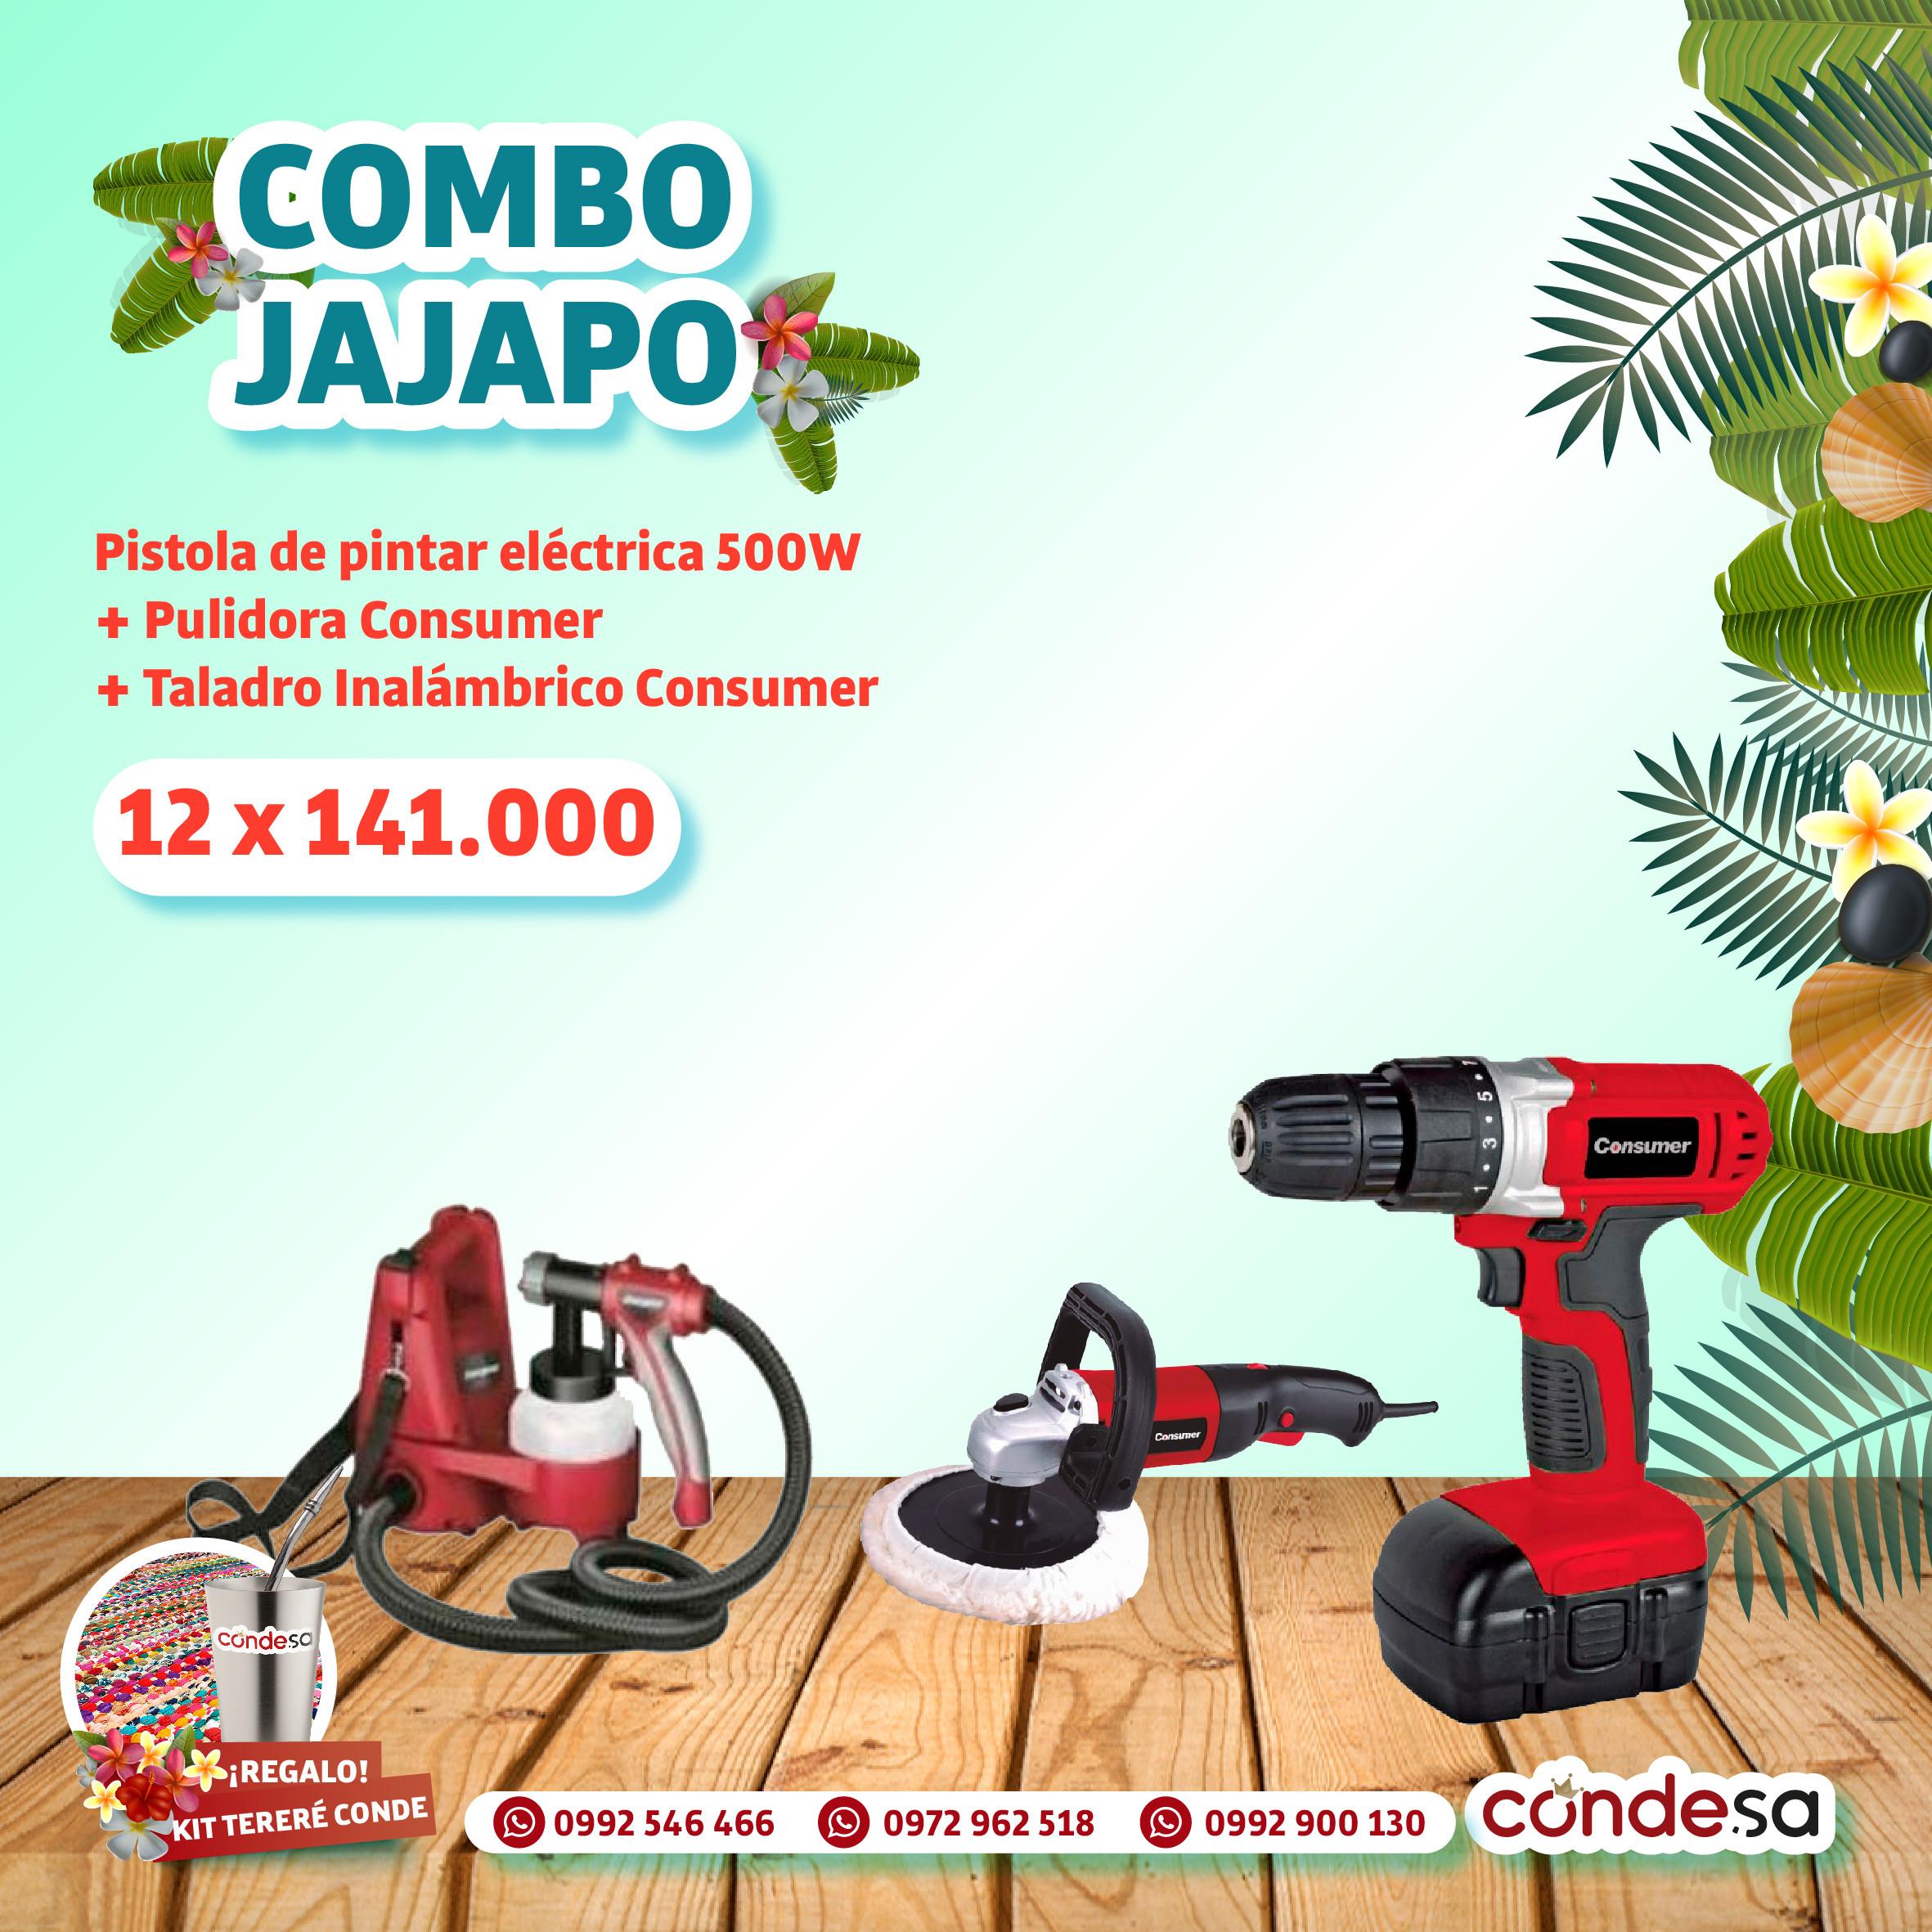 Combo Jajapo